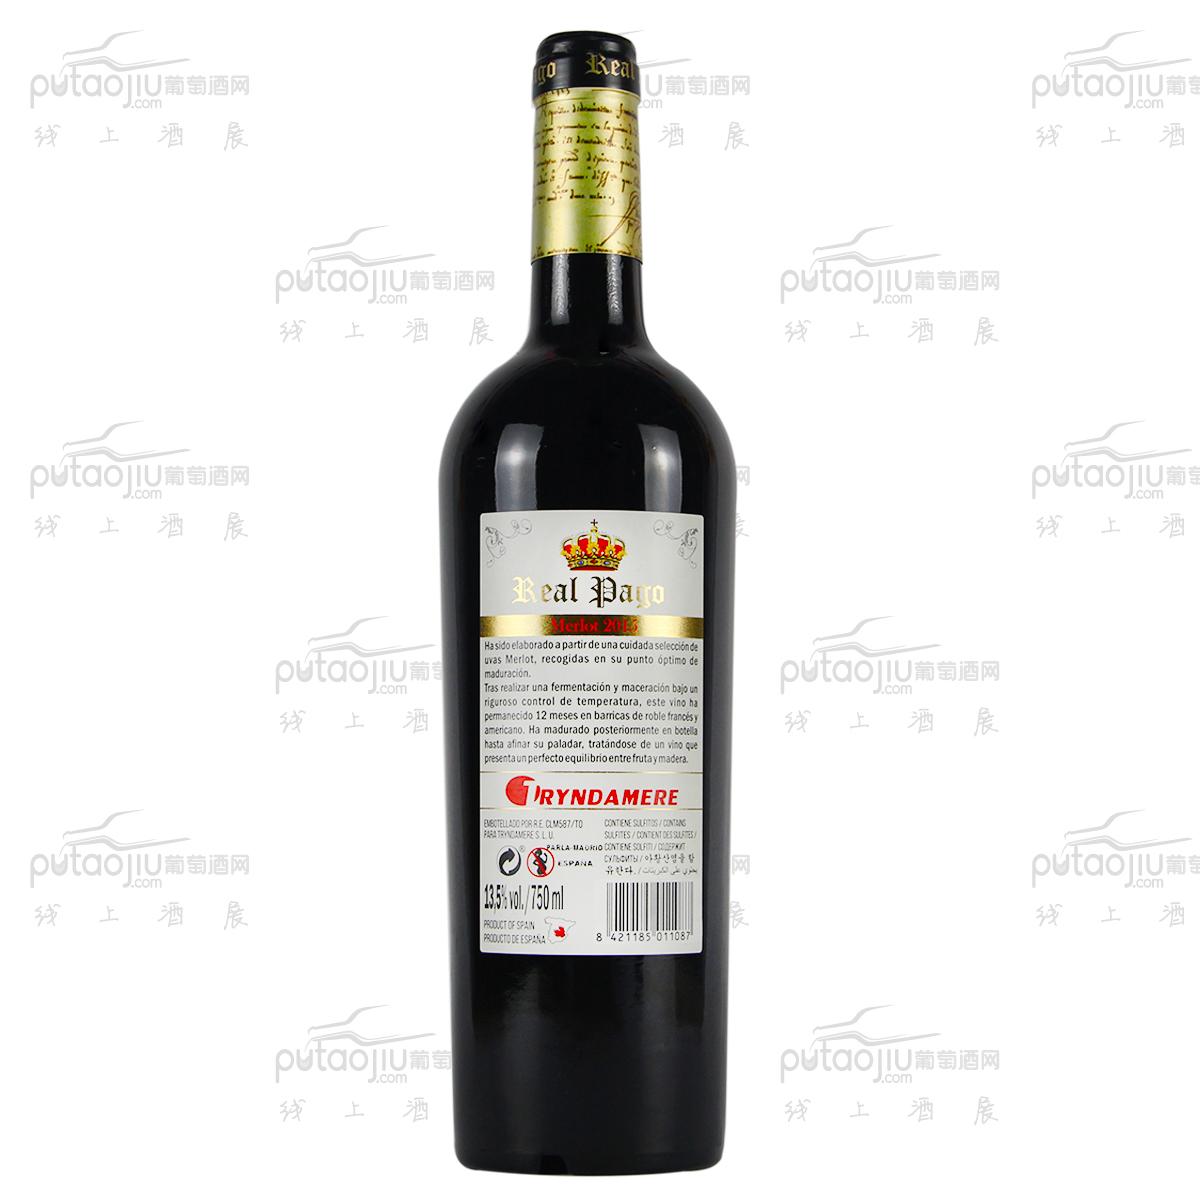 皇室帕戈精选梅洛干红葡萄酒2015